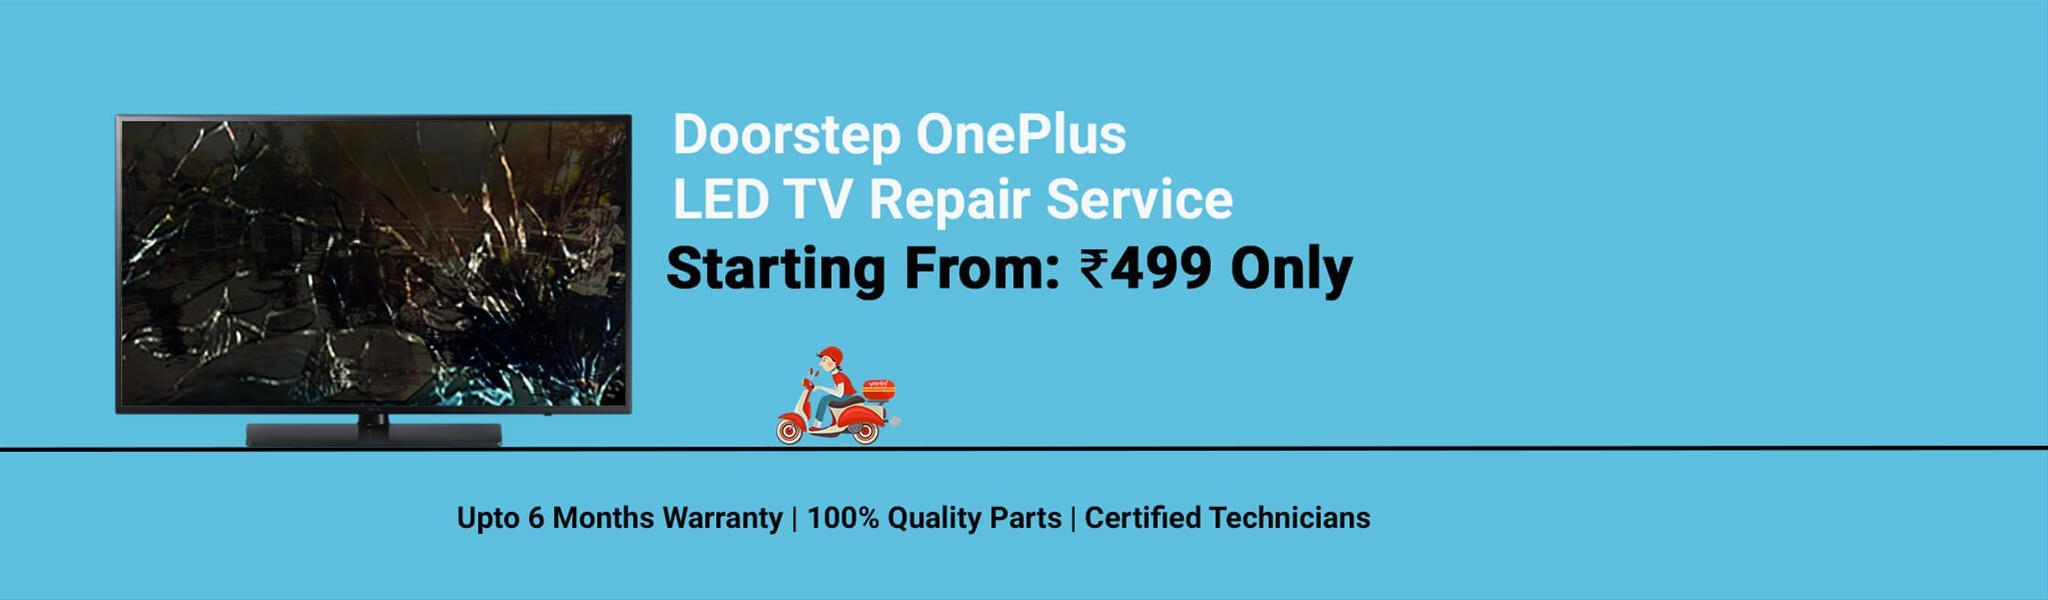 oneplus-led-tv-repair.jpg